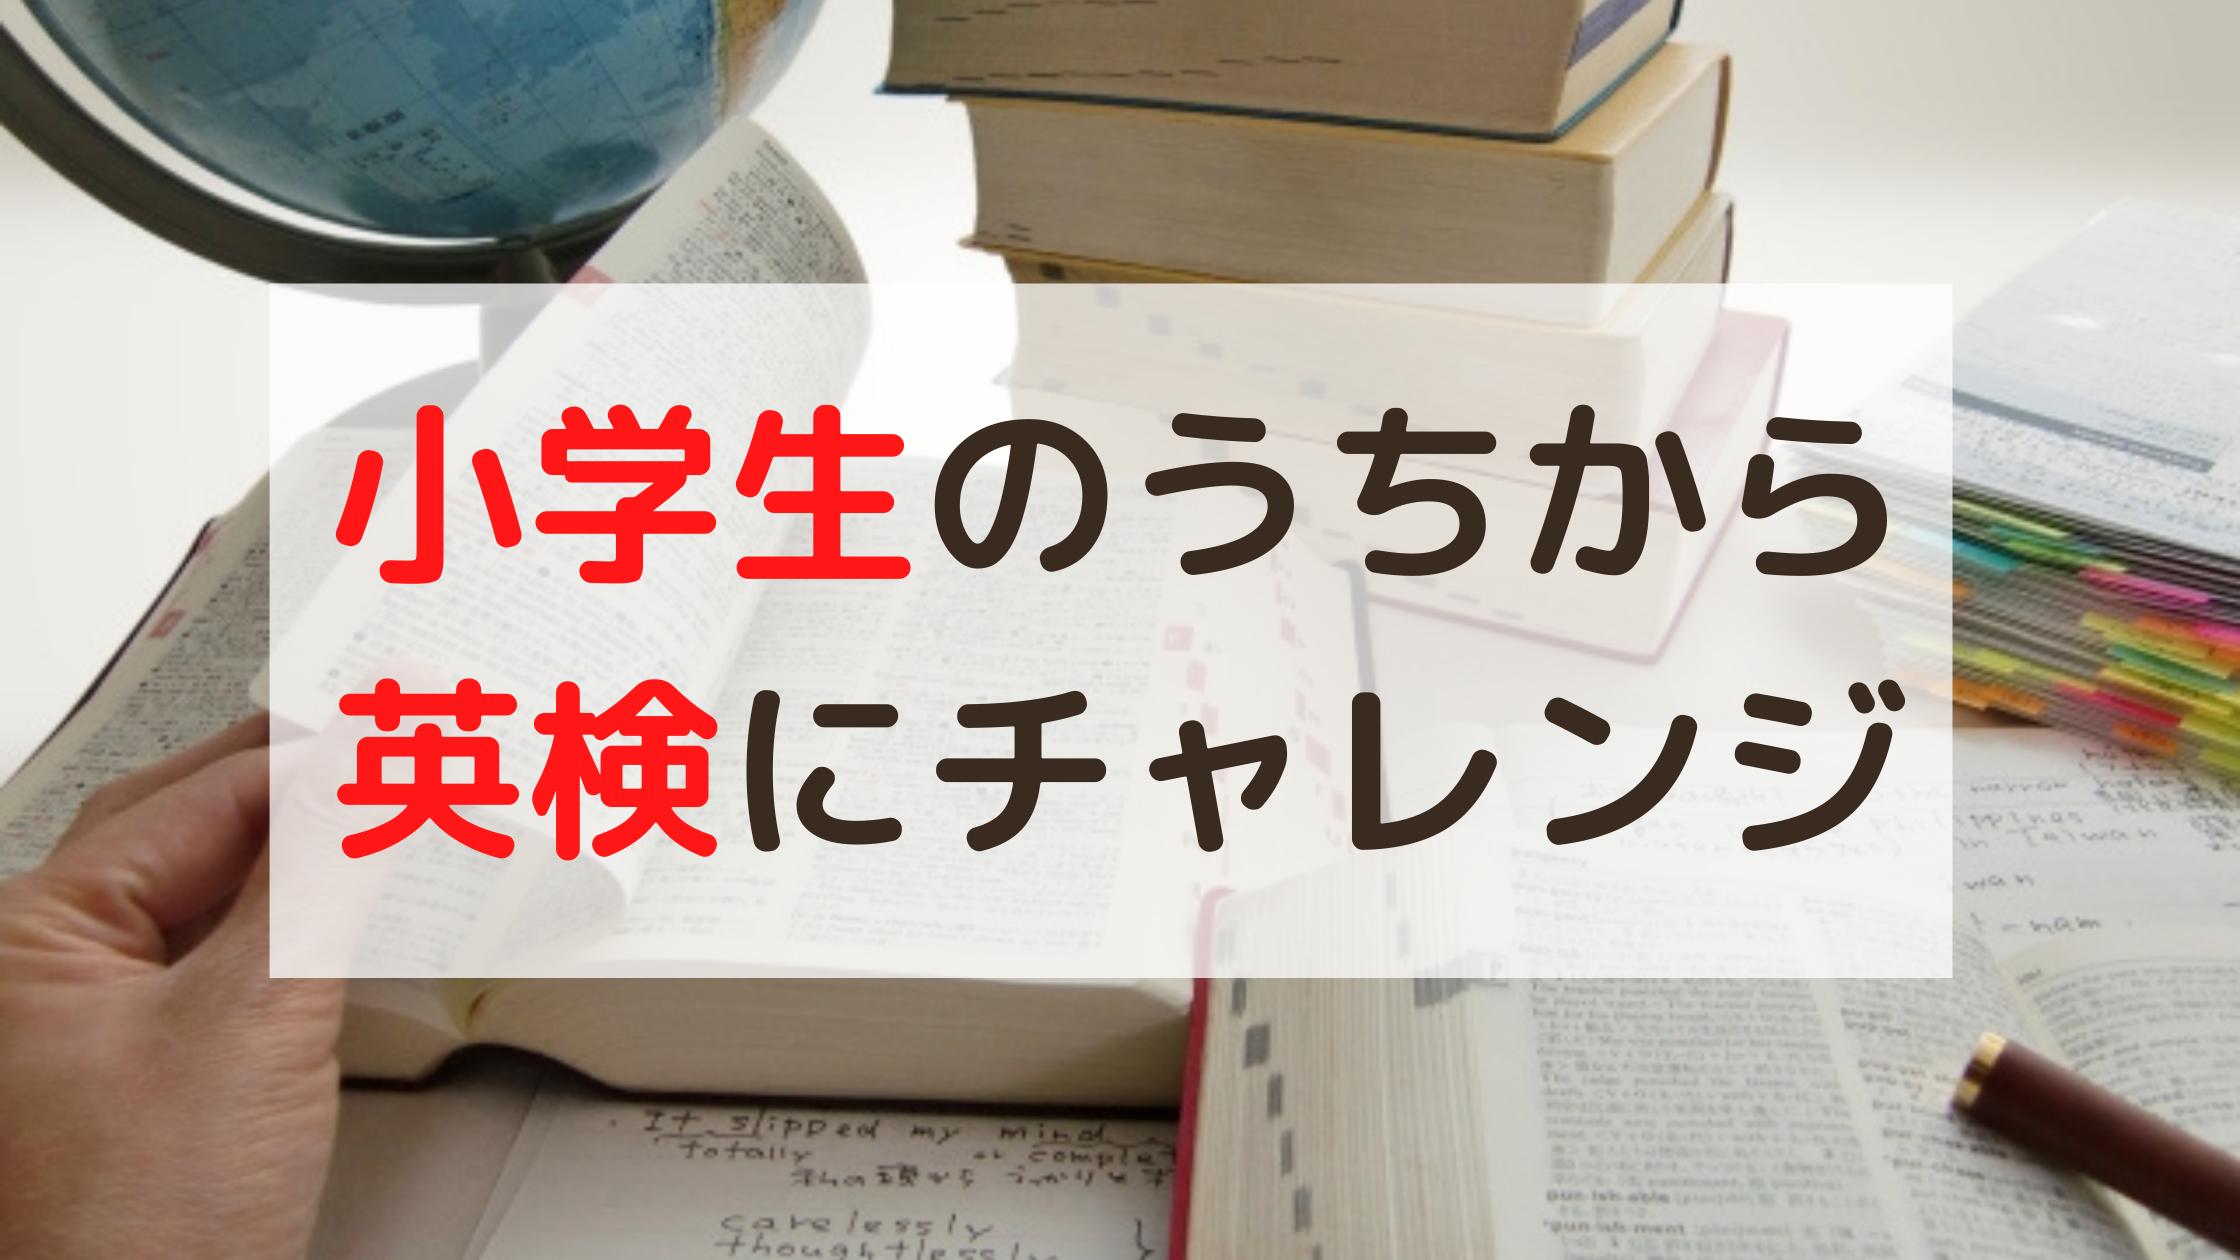 小学生のうちから 英検にチャレンジ